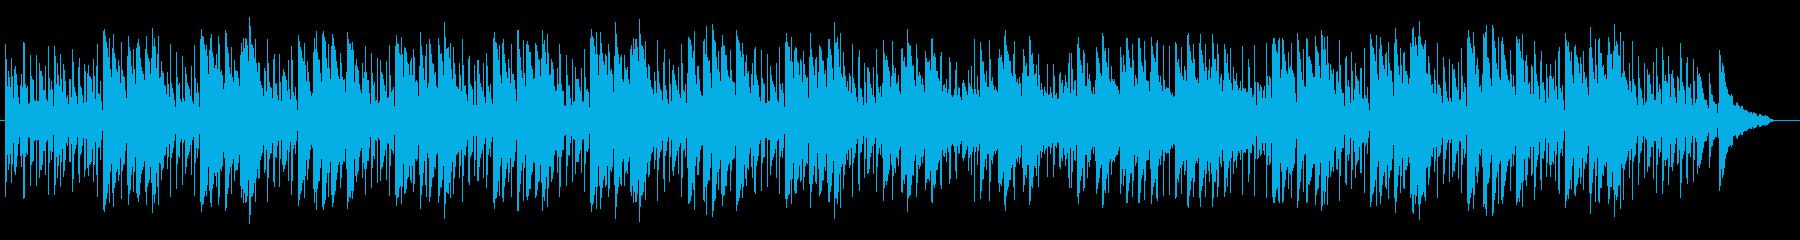 明るく優しいシンセサイザーサウンドの再生済みの波形